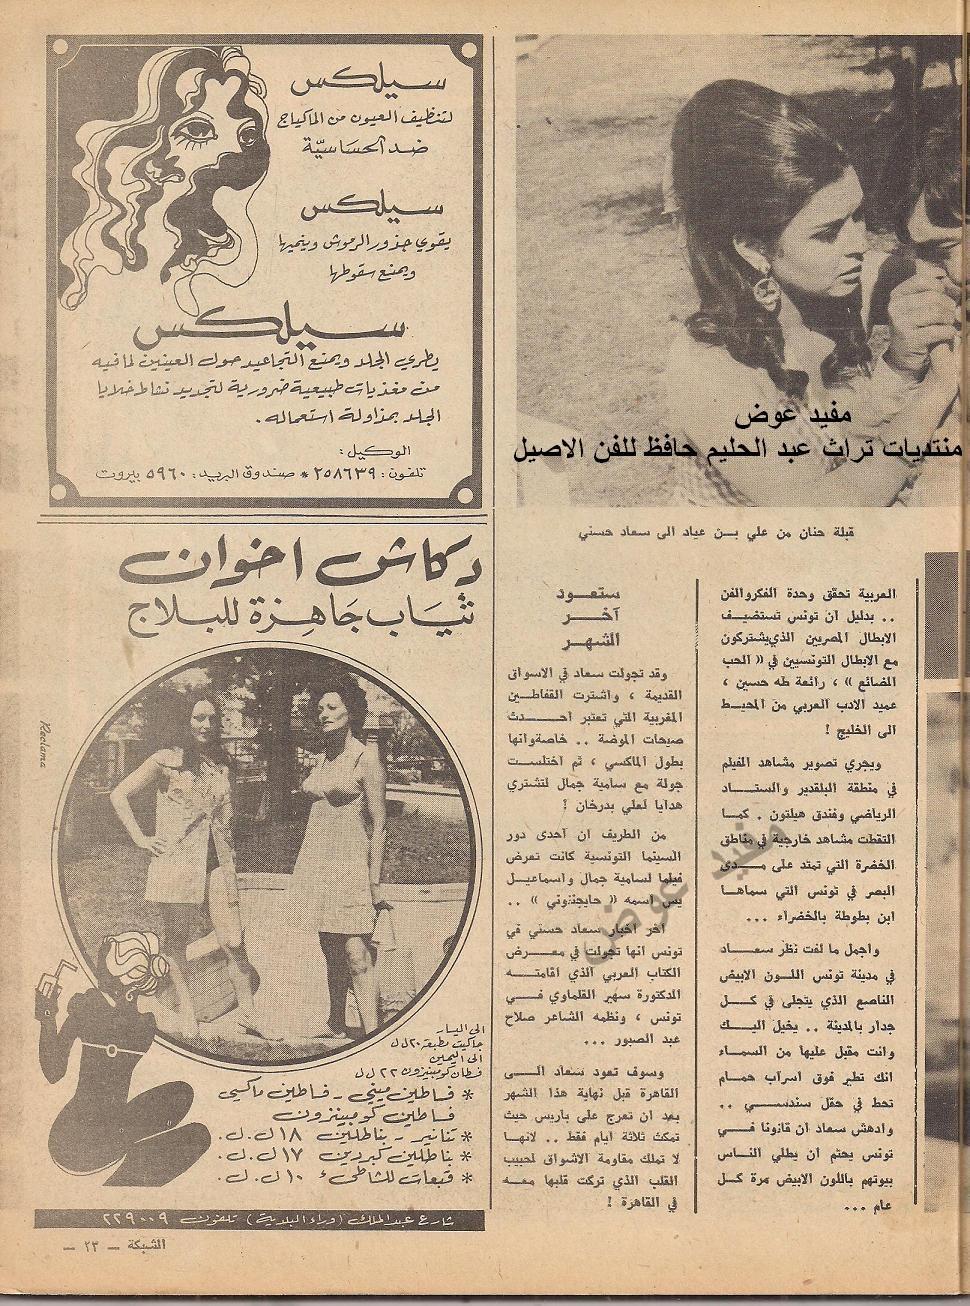 مقال صحفي : سعاد حسني في تونس والقلب في القاهرة 1970 م 468